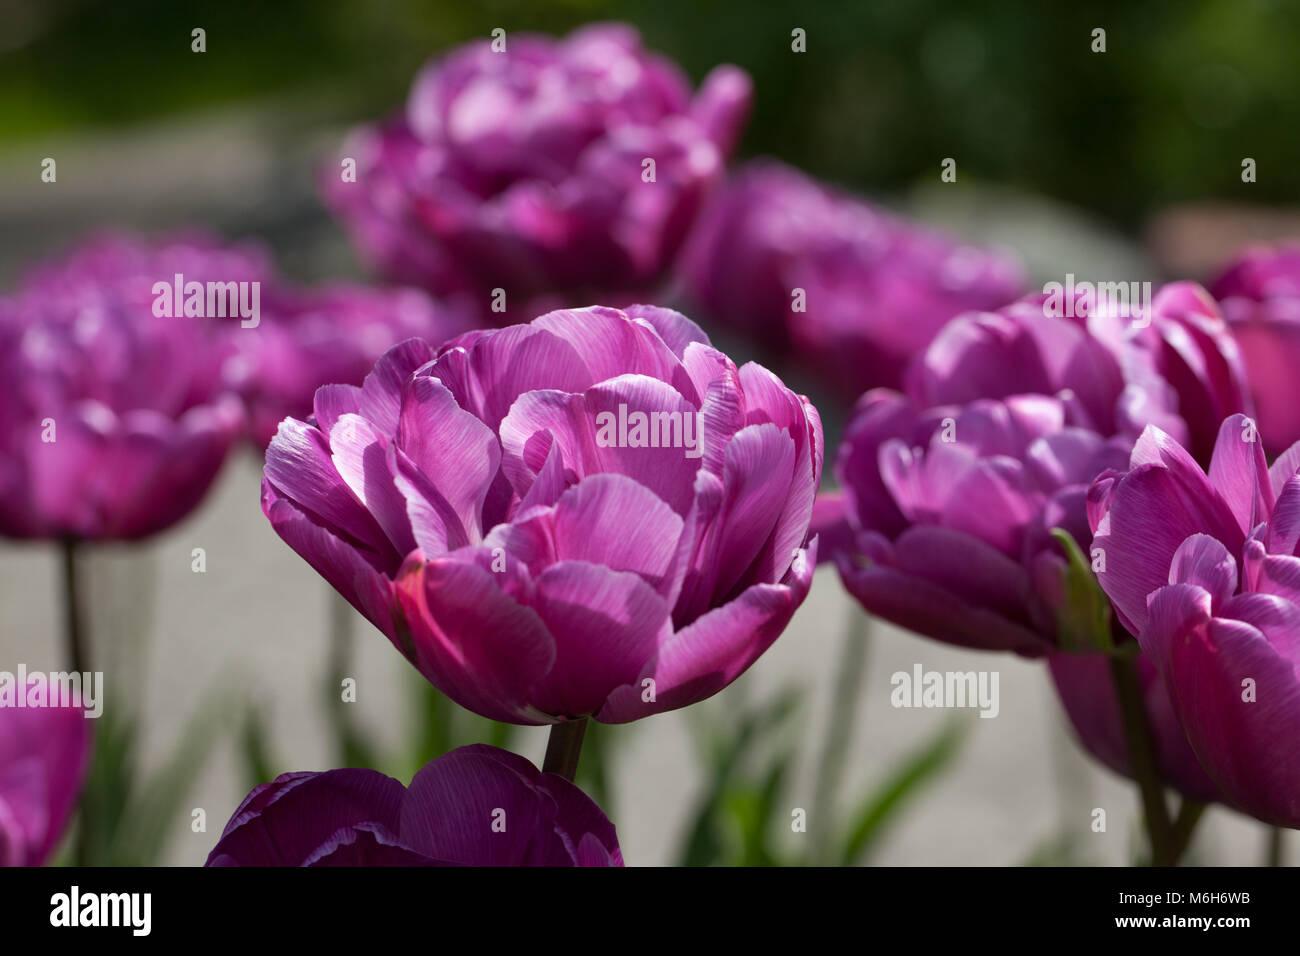 'Lilac Perfection' Doppelte spät Tulip, Sen fylldblommig Tulpan (Tulipa gesneriana) Stockbild